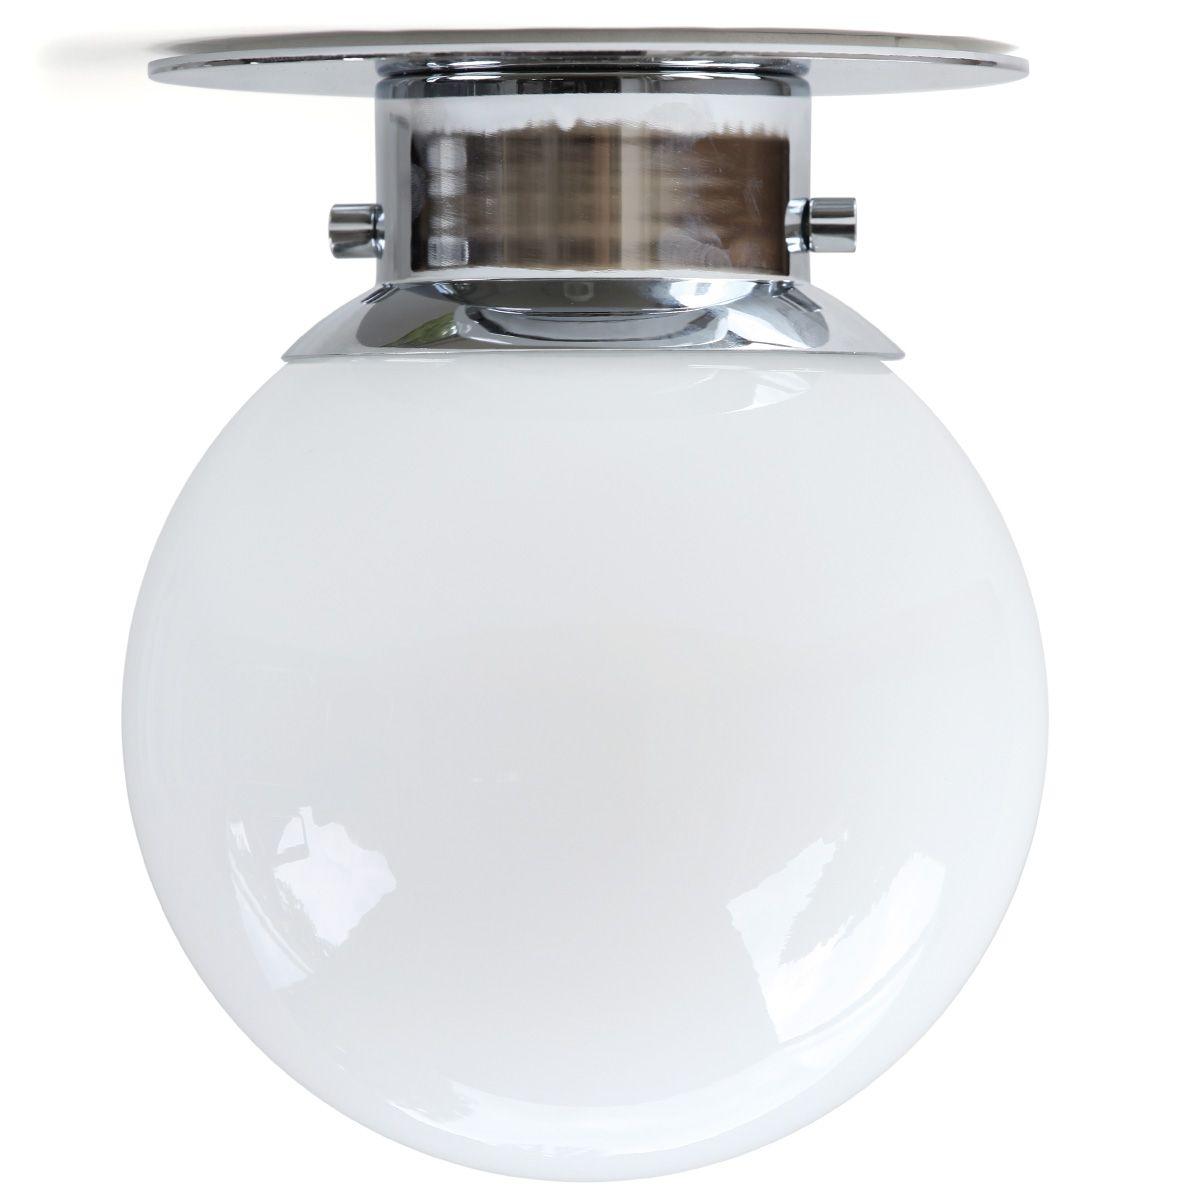 Globus Kugel Deckenleuchte Badleuchte Decke Badezimmer Chrom Deckenleuchten Lampe